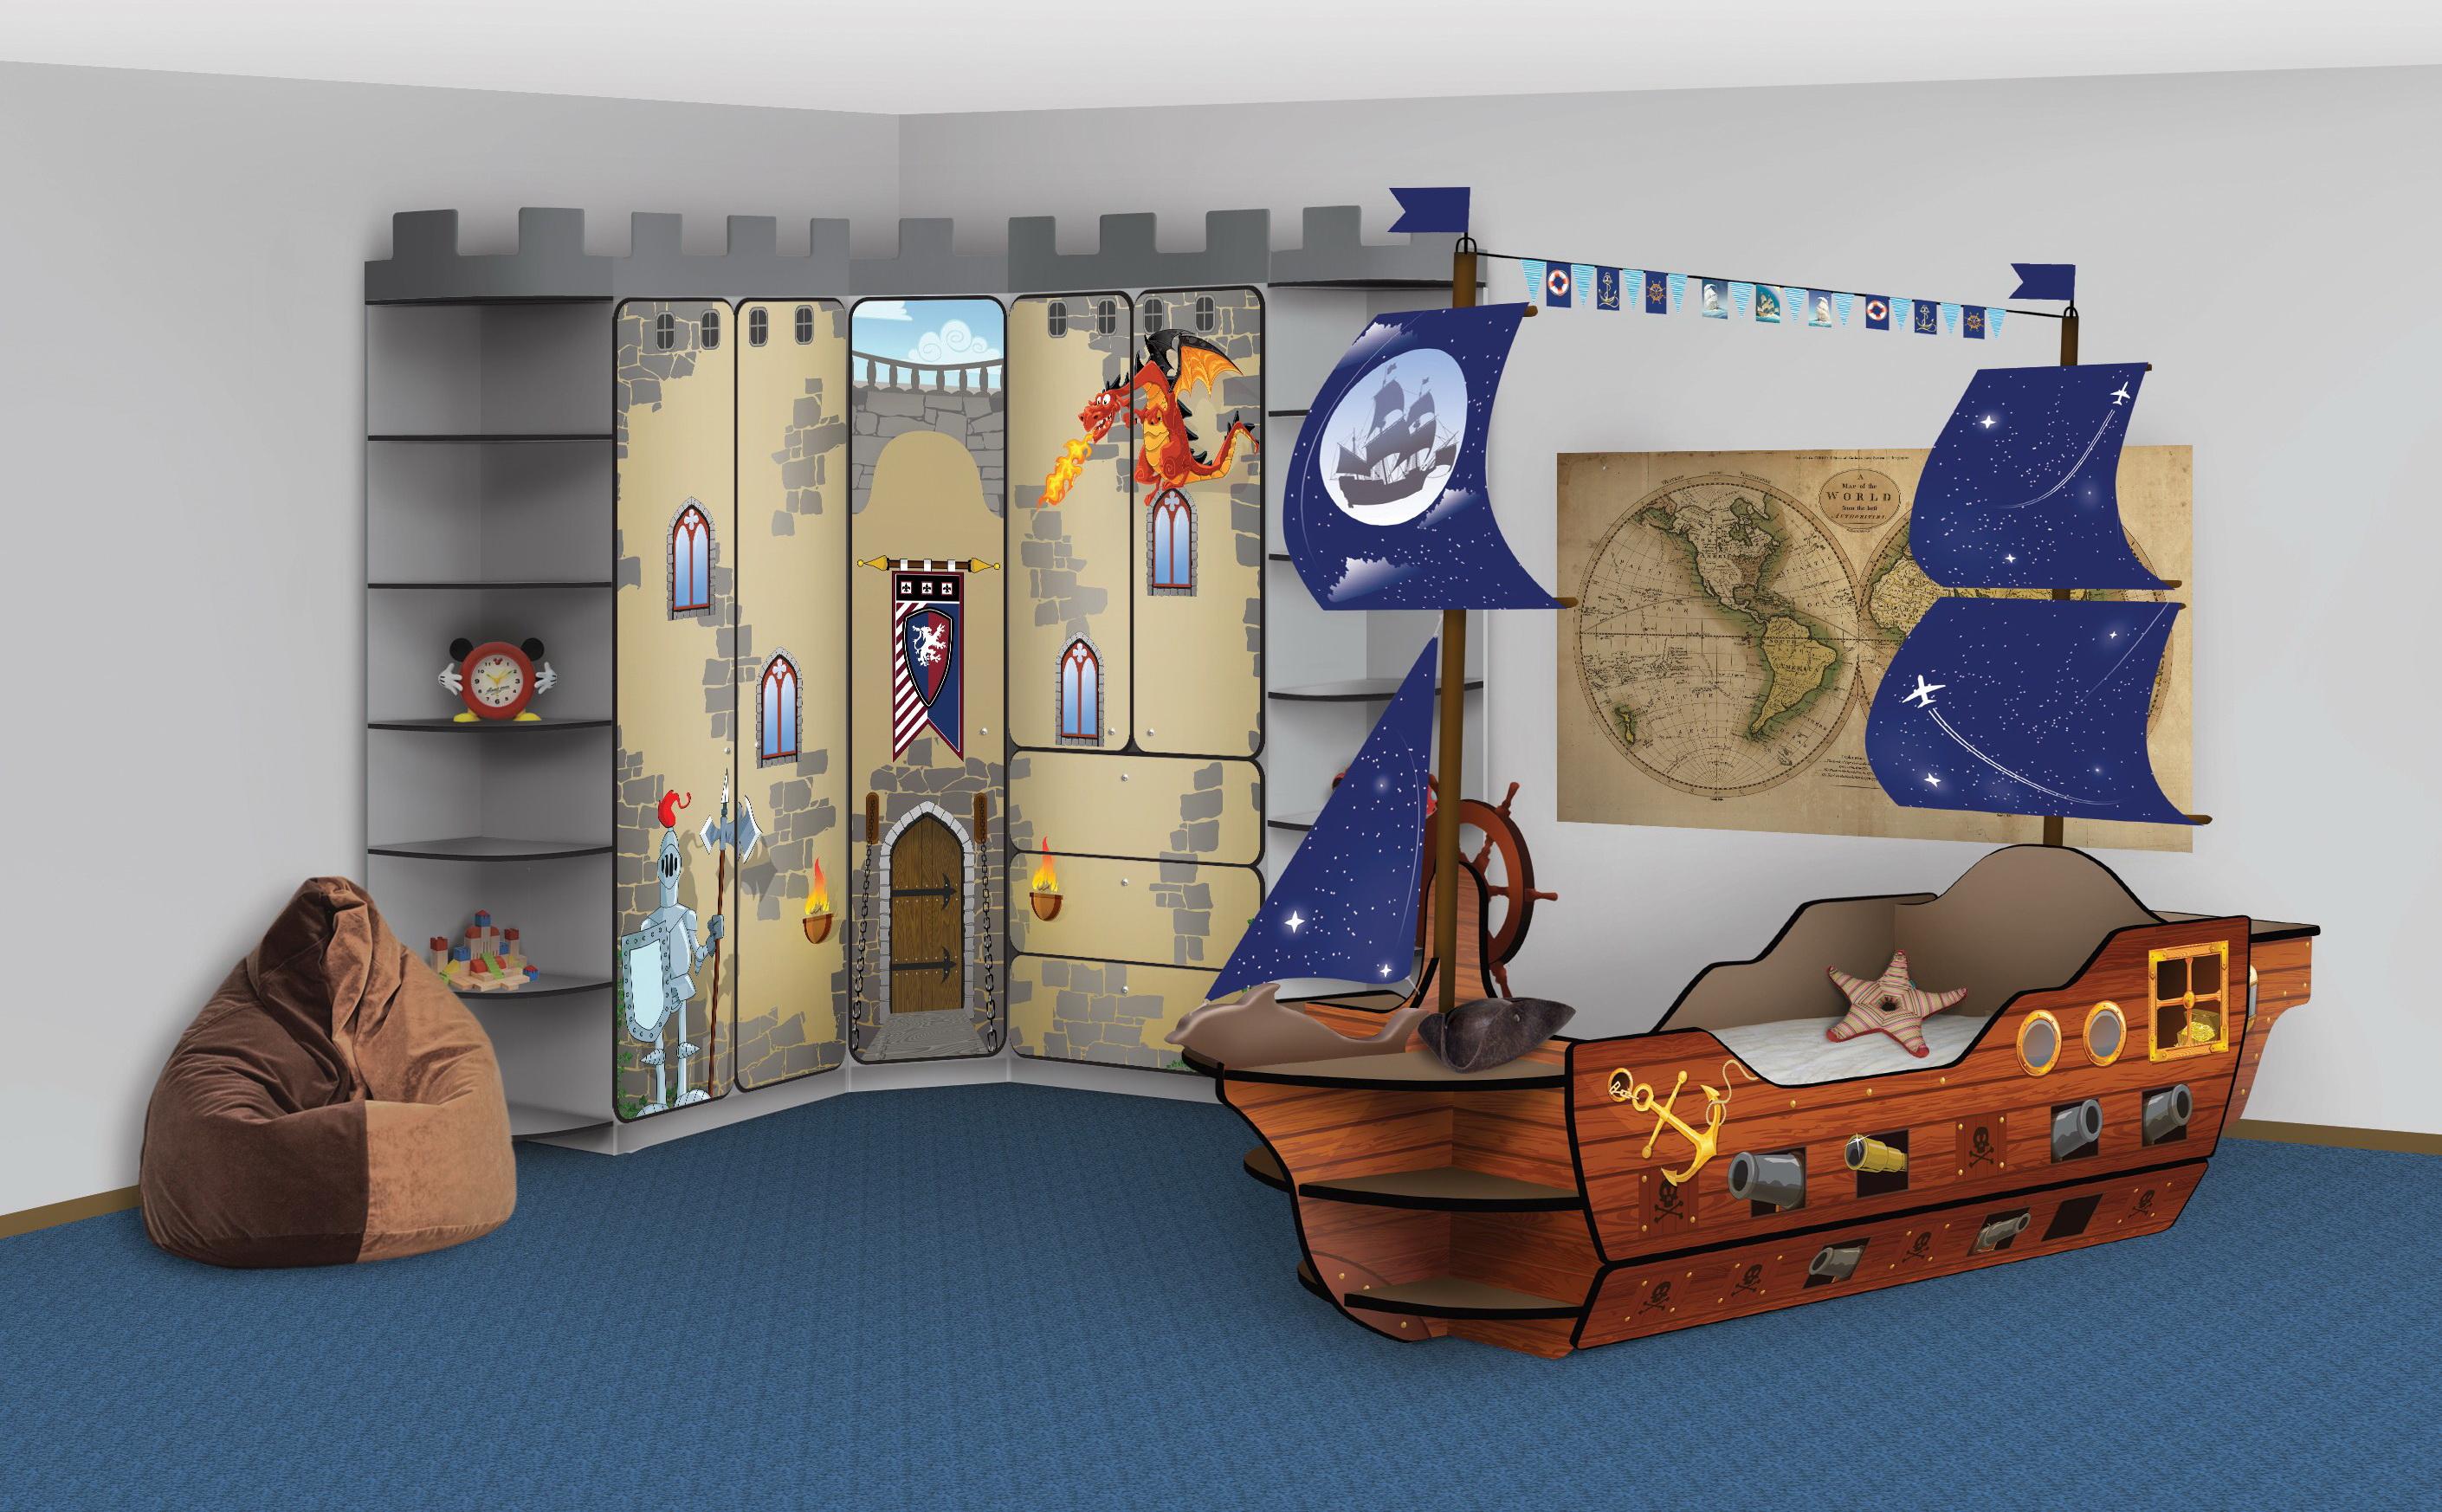 Сбор заказов. Все для уютной детской. Креативная детская мебель эконом и премиум класса. Мягкая и корпусная мебель. Шкафы от 5200, кровати от 3200. От 0 и до 16- ти. Аксессуары 15.